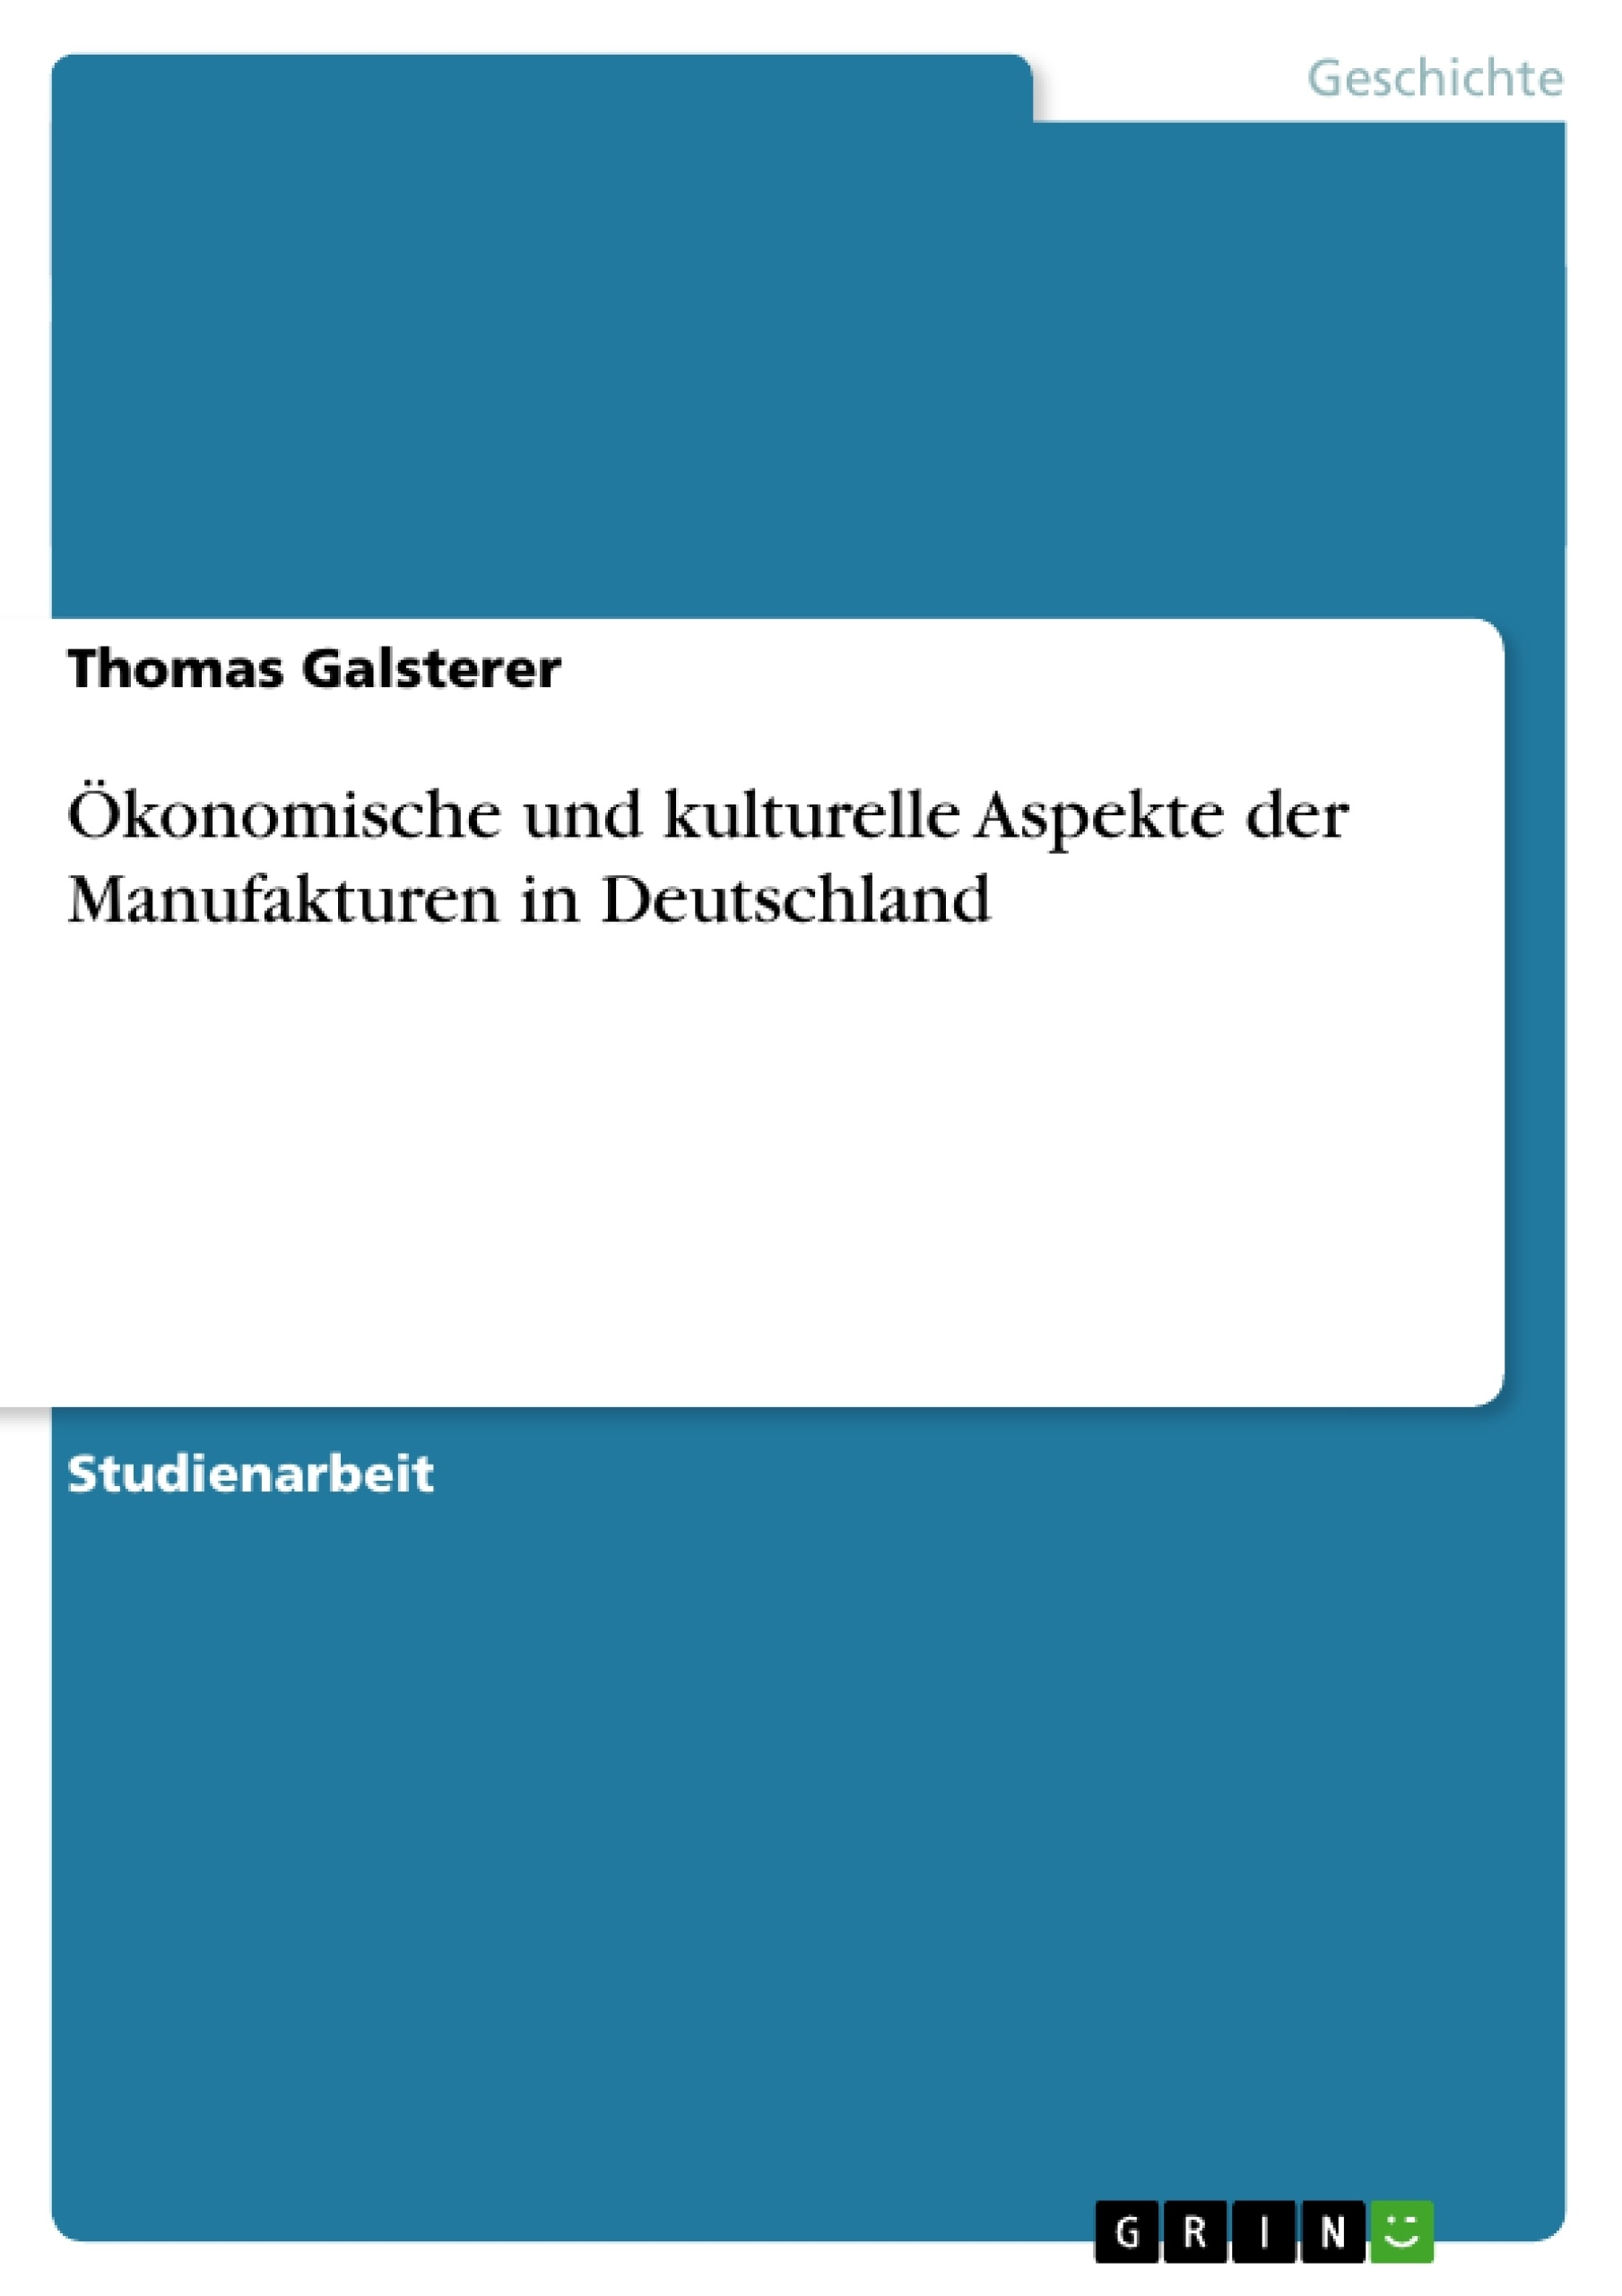 Titel: Ökonomische und kulturelle Aspekte der Manufakturen in Deutschland